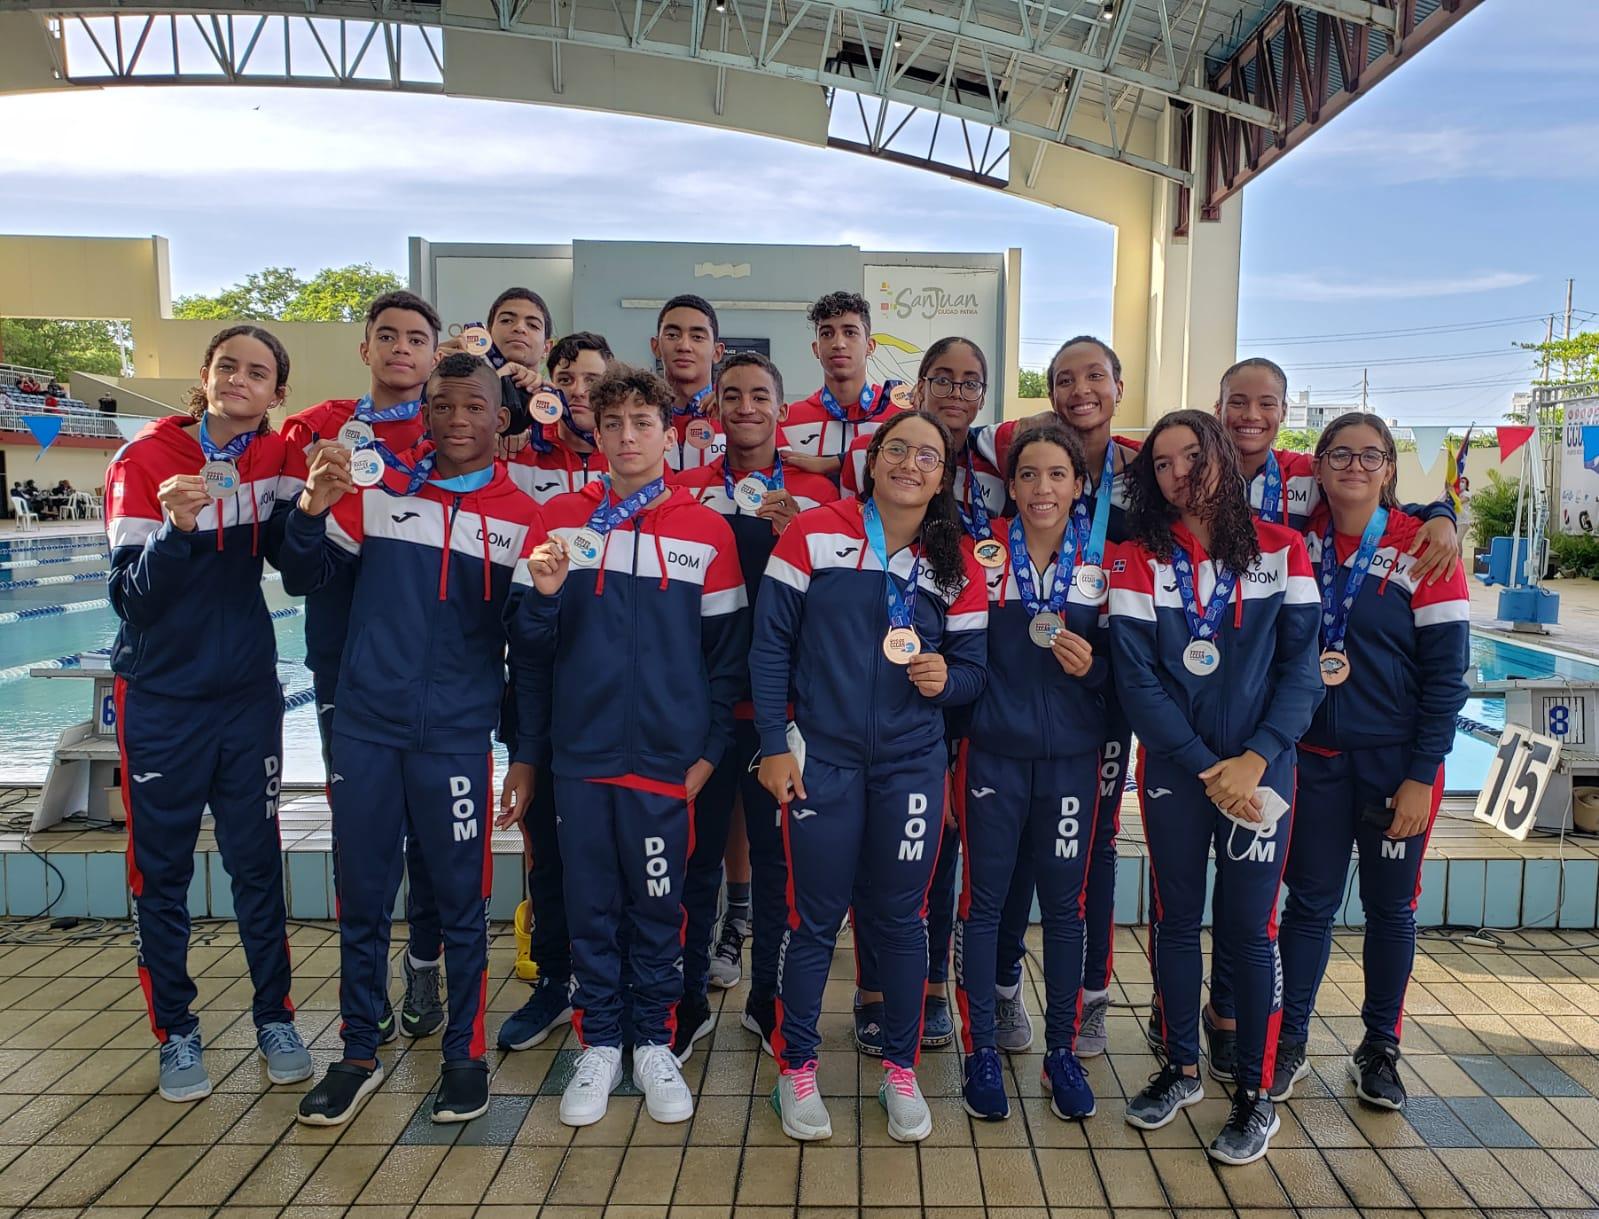 Natación RD juvenil conquista 33 medallas en Campeonato Centroamericano y del Caribe